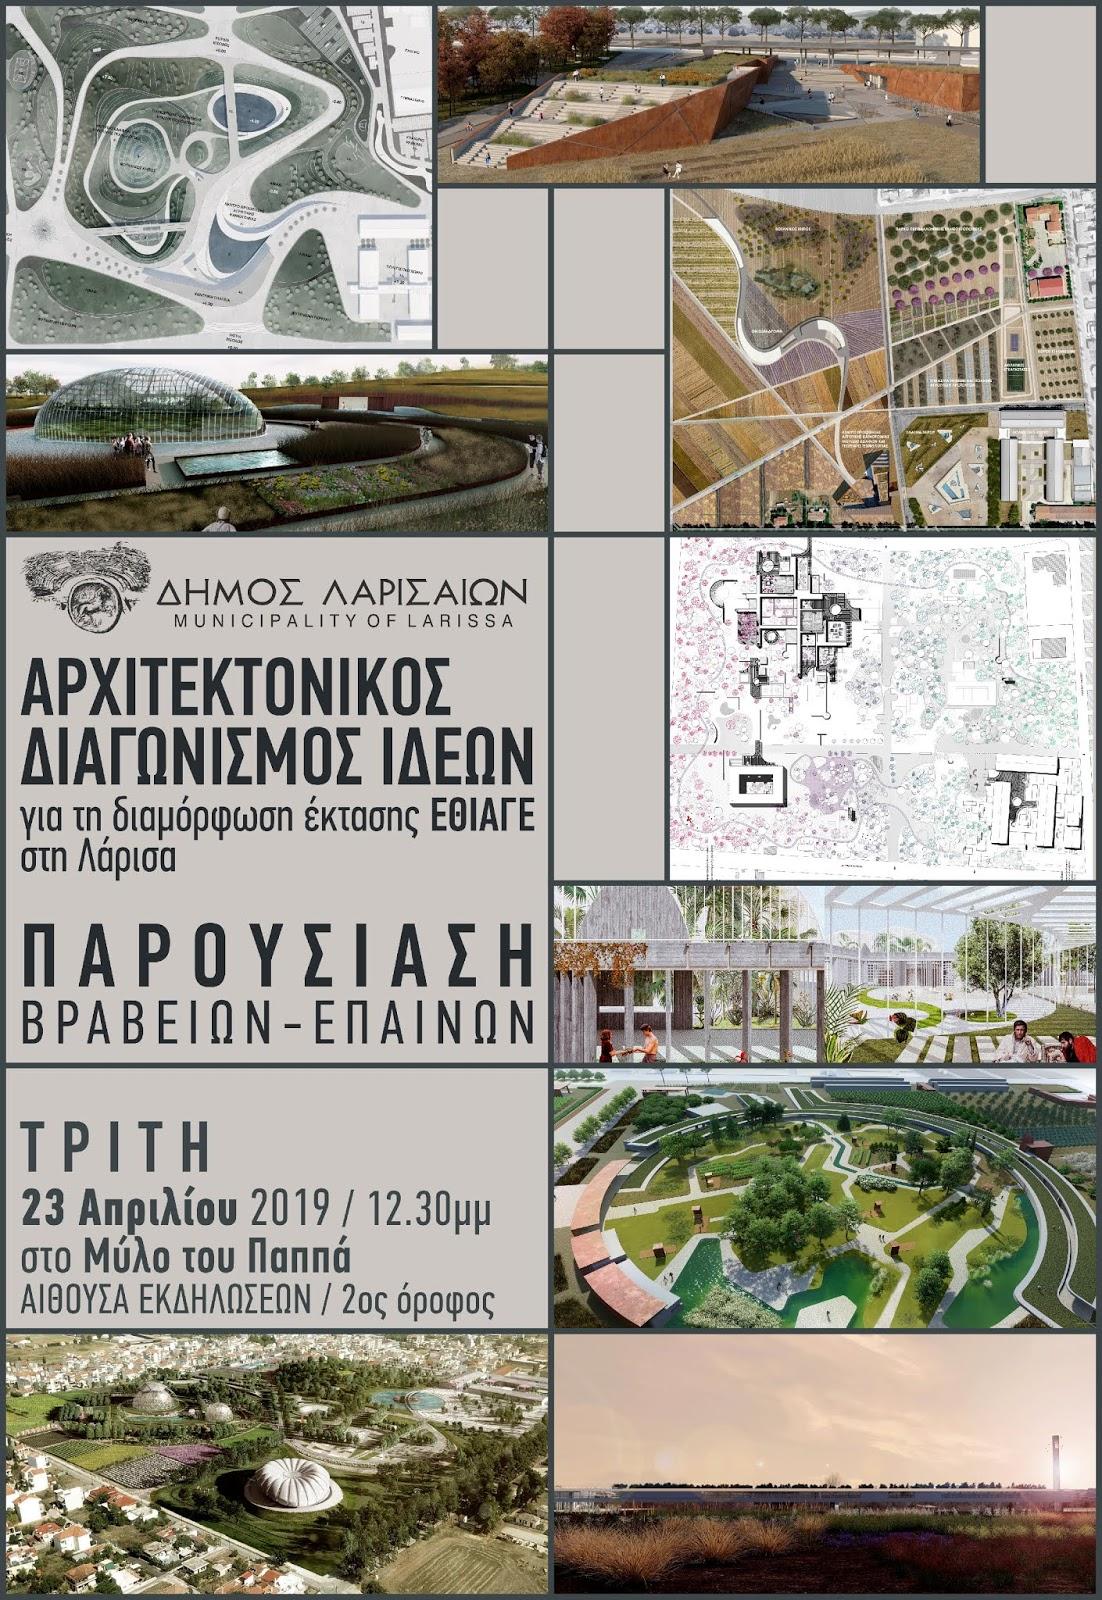 Έκθεση - εκδήλωση παρουσίασης βραβείων Αρχιτεκτονικού Διαγωνισμού ΕΘΙΑΓΕ στη Λάρισα